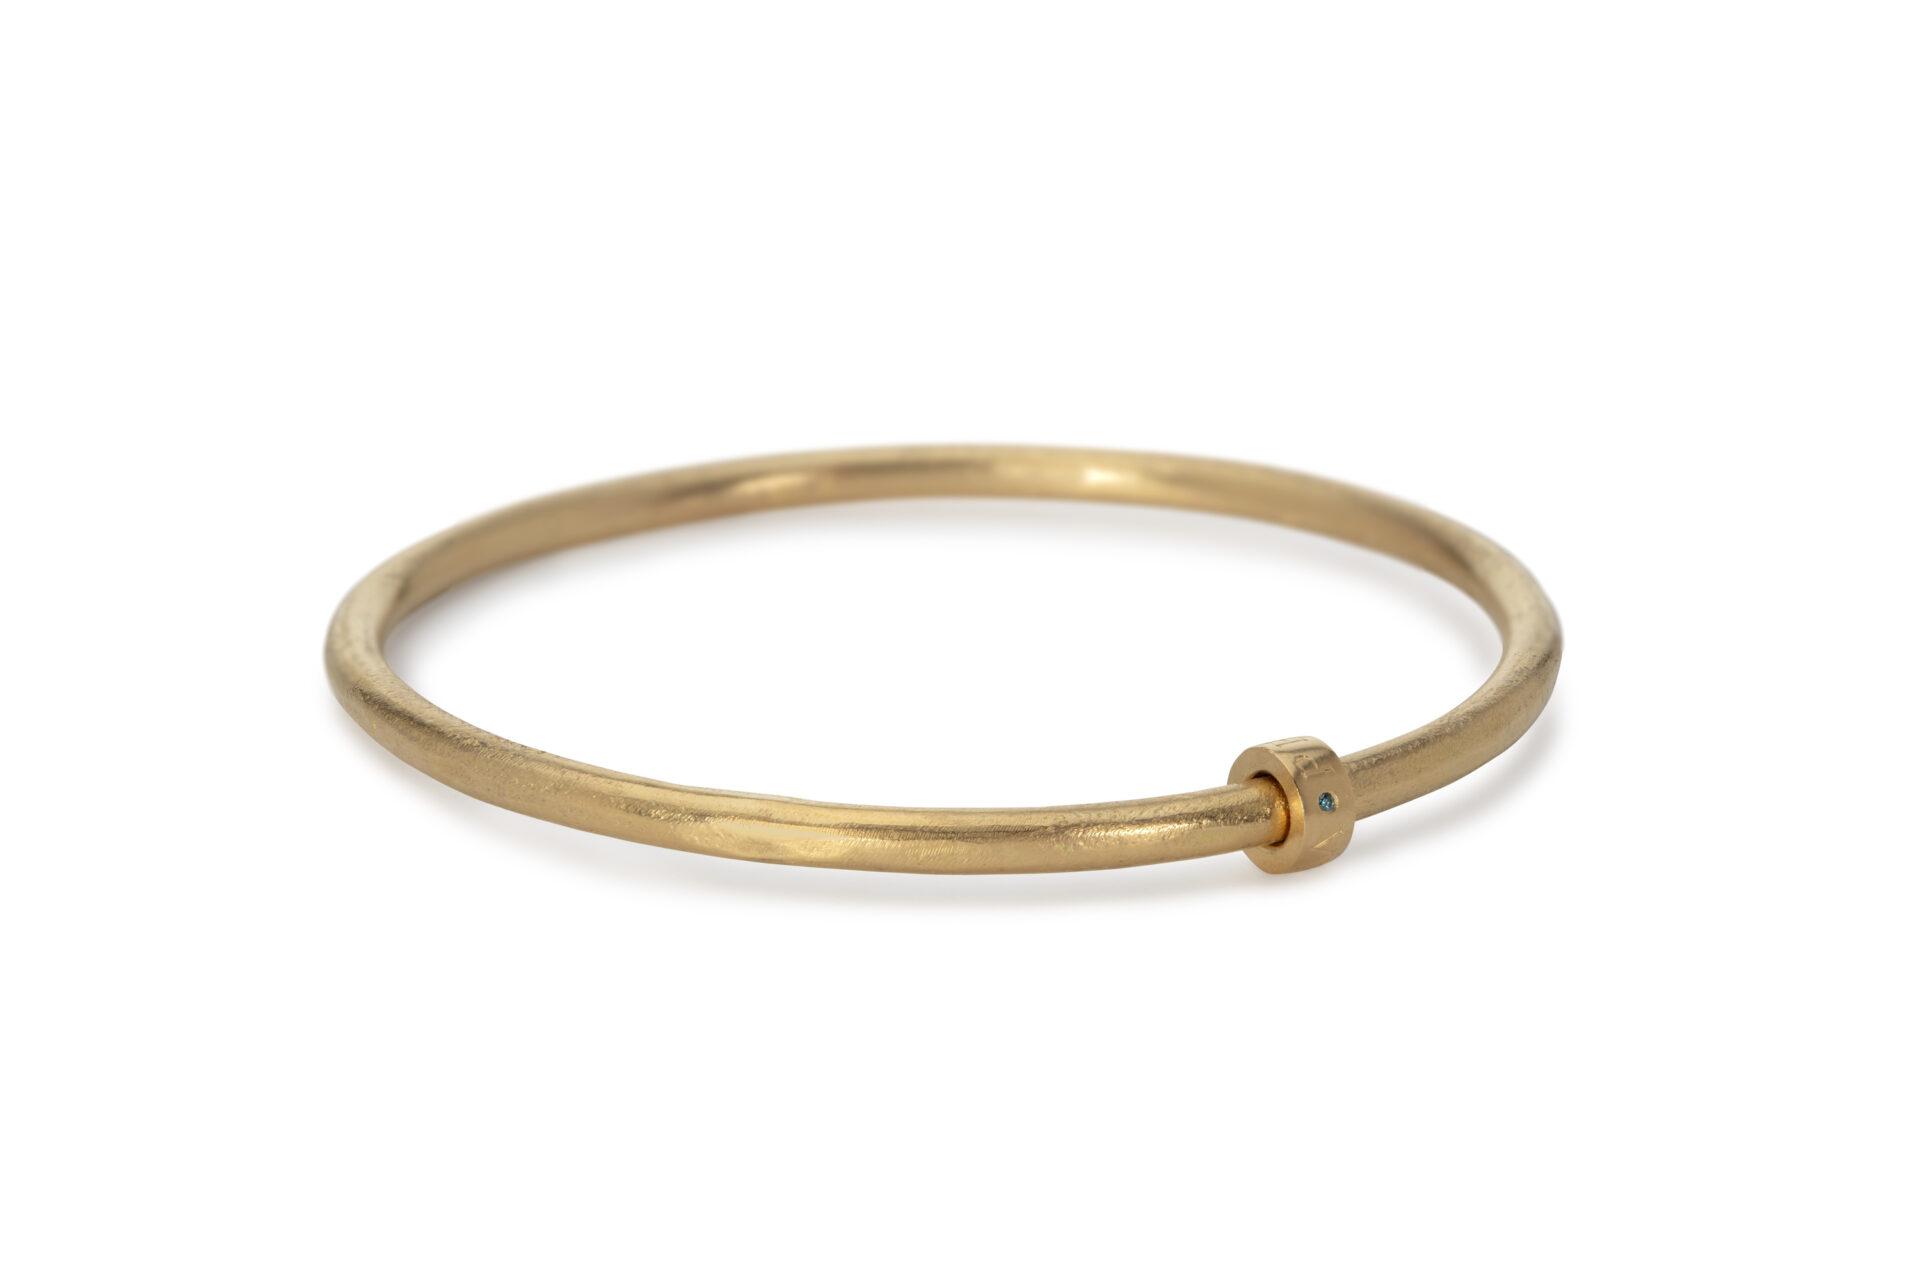 Susans Gold Bangle